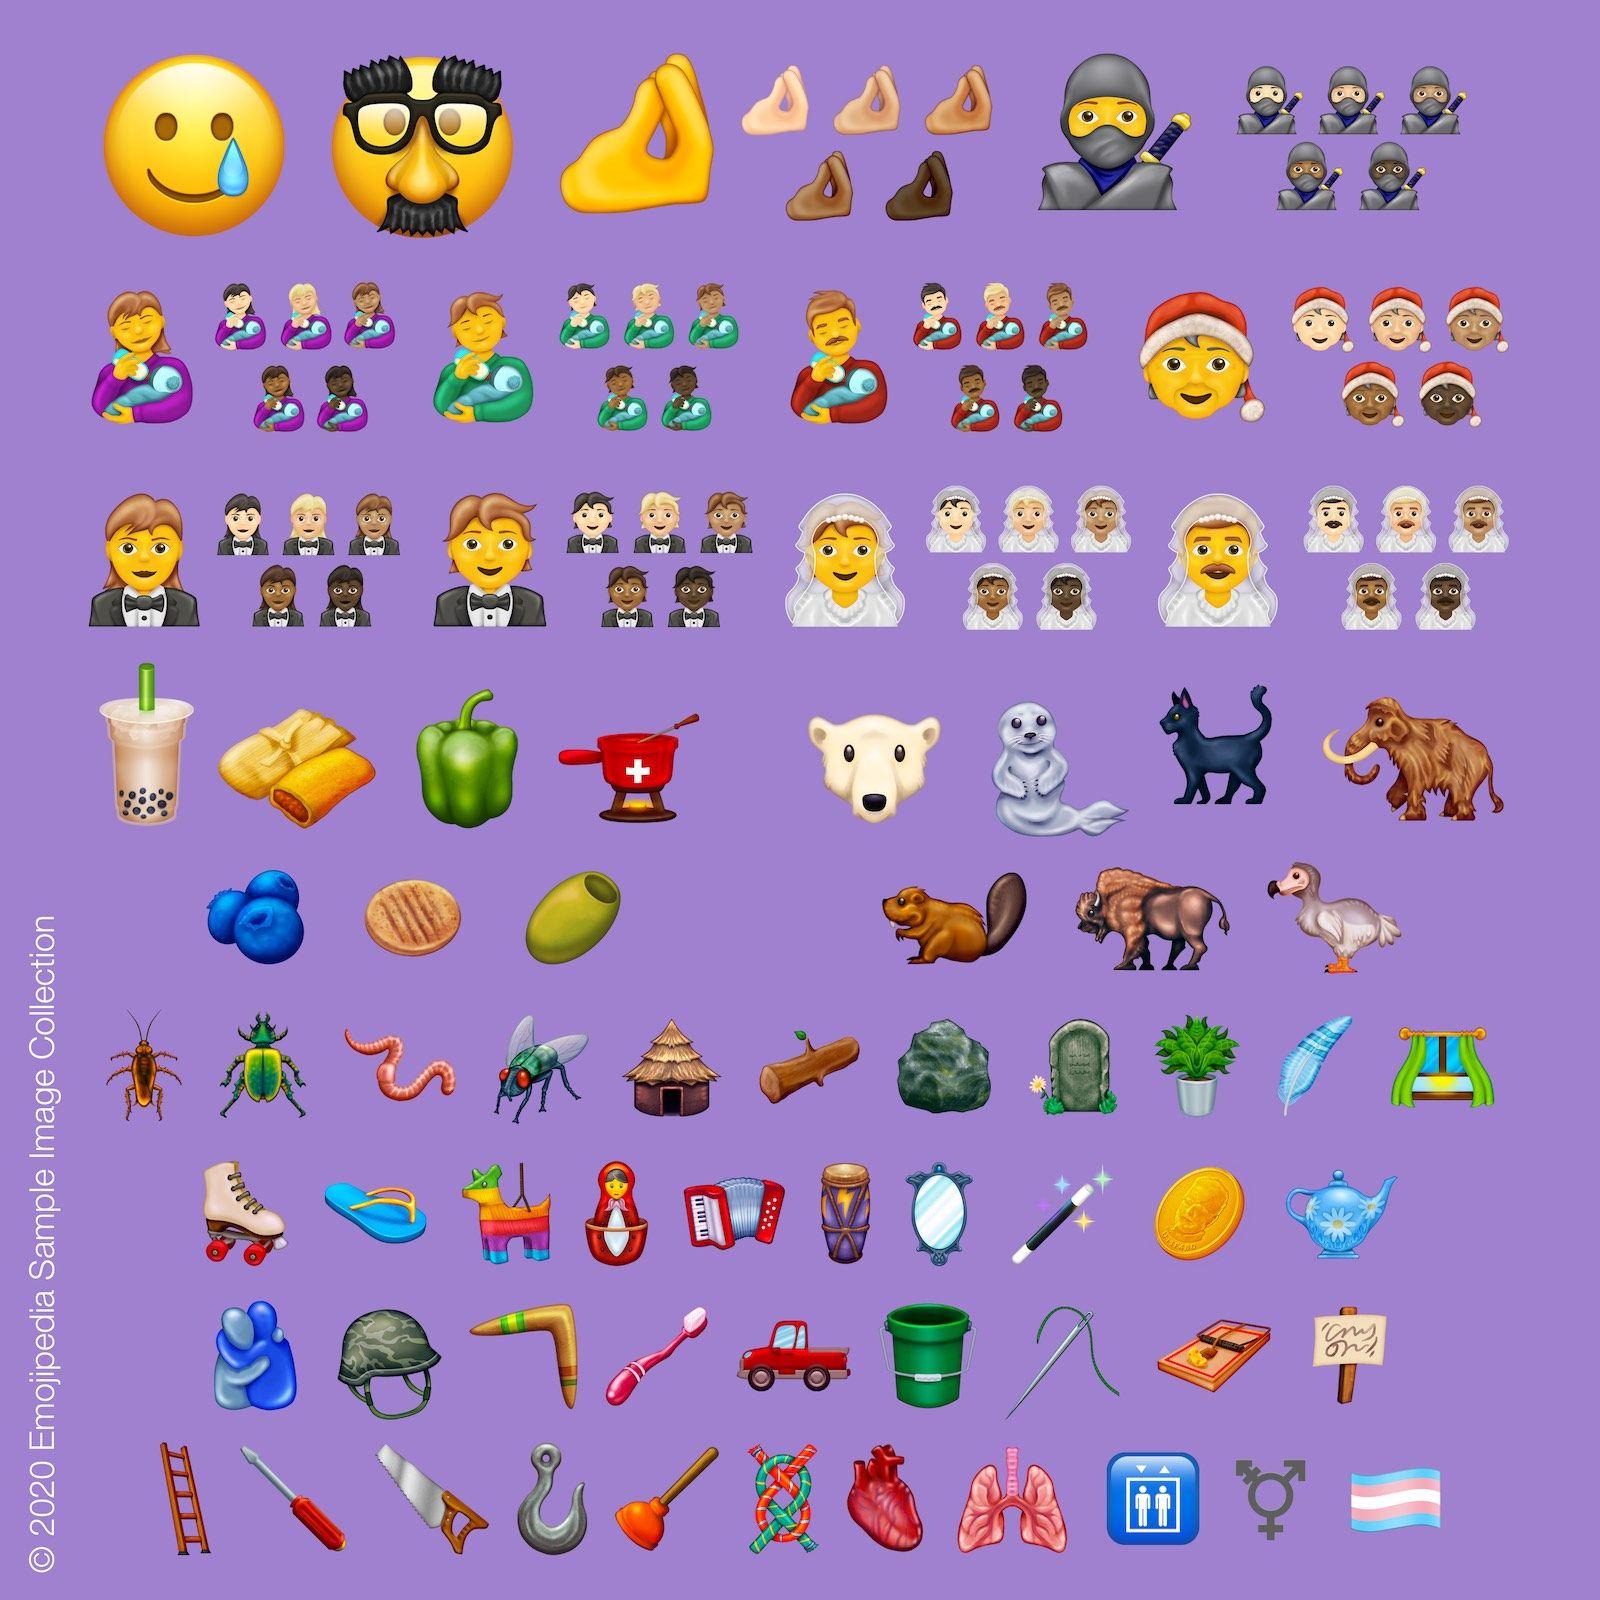 2020 Yılında 117 Yeni Emoji Ekleniyor